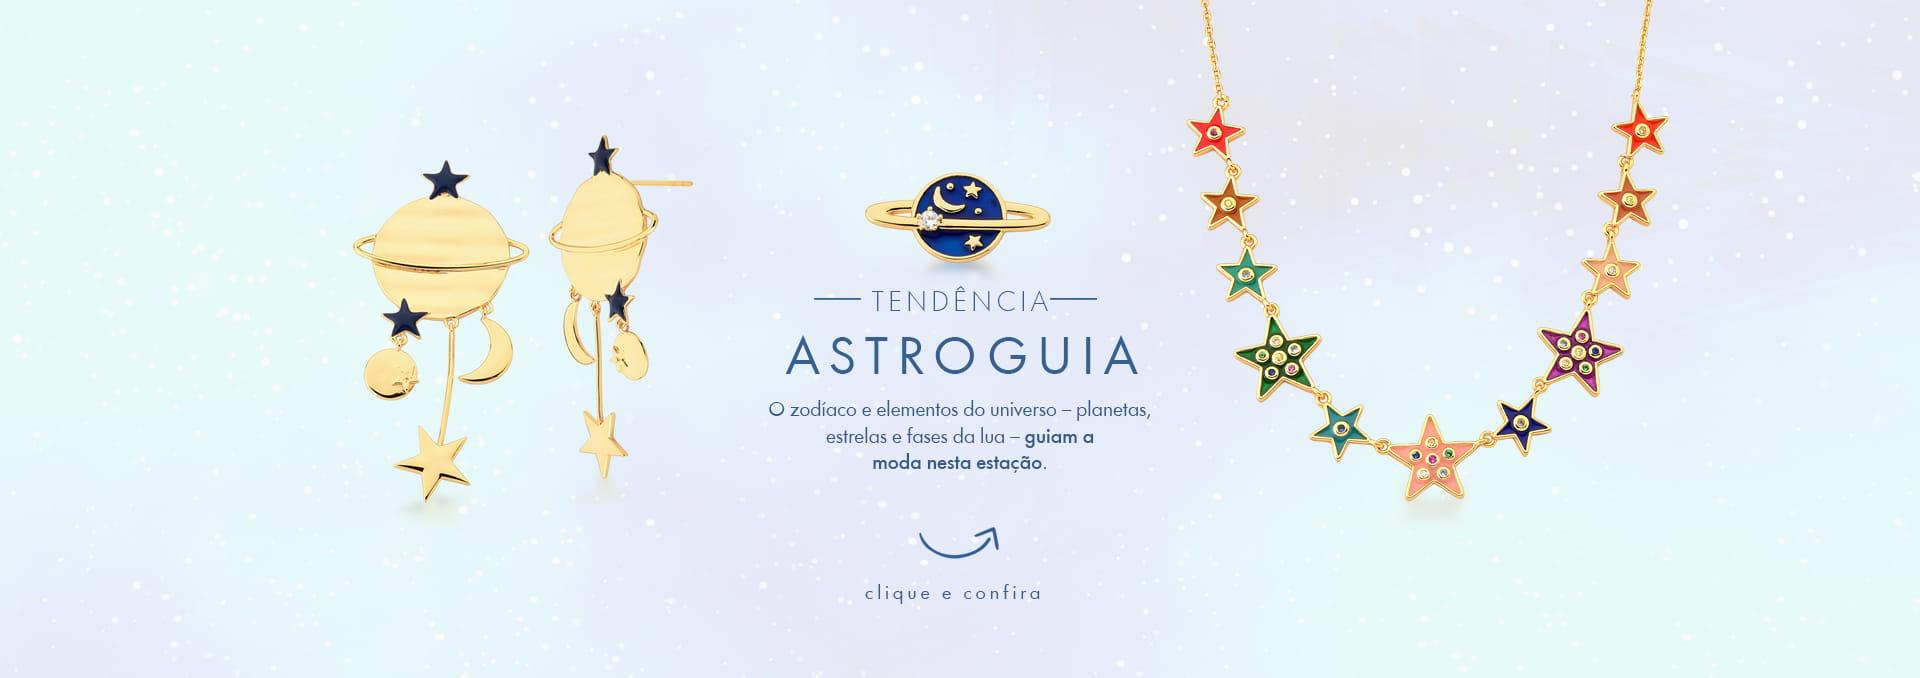 Astroguia